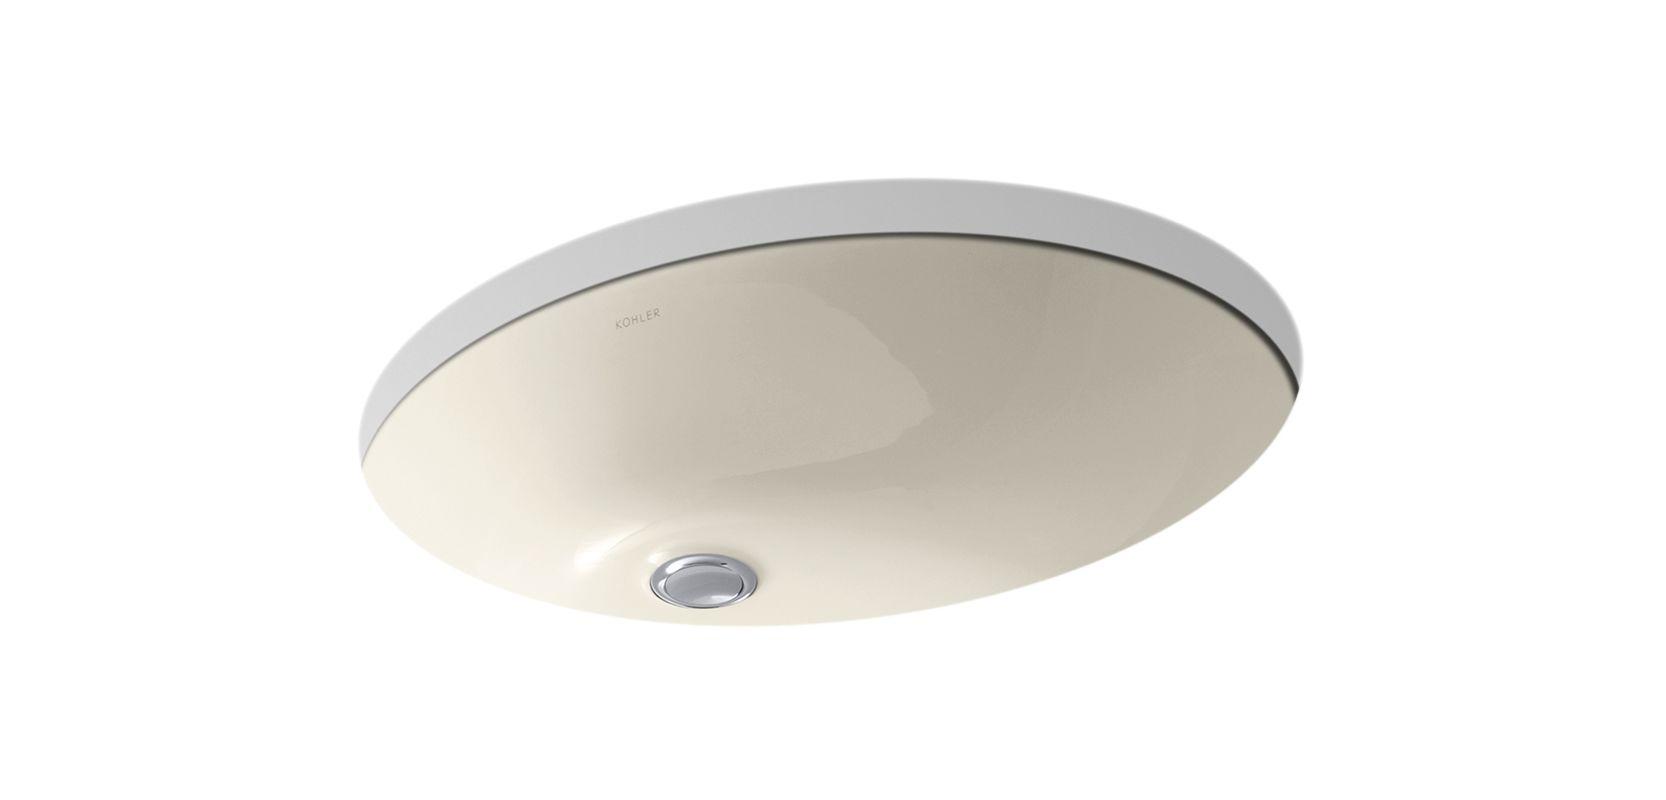 Kohler Undermount Bathroom Sink faucet   k-2211-47 in almondkohler